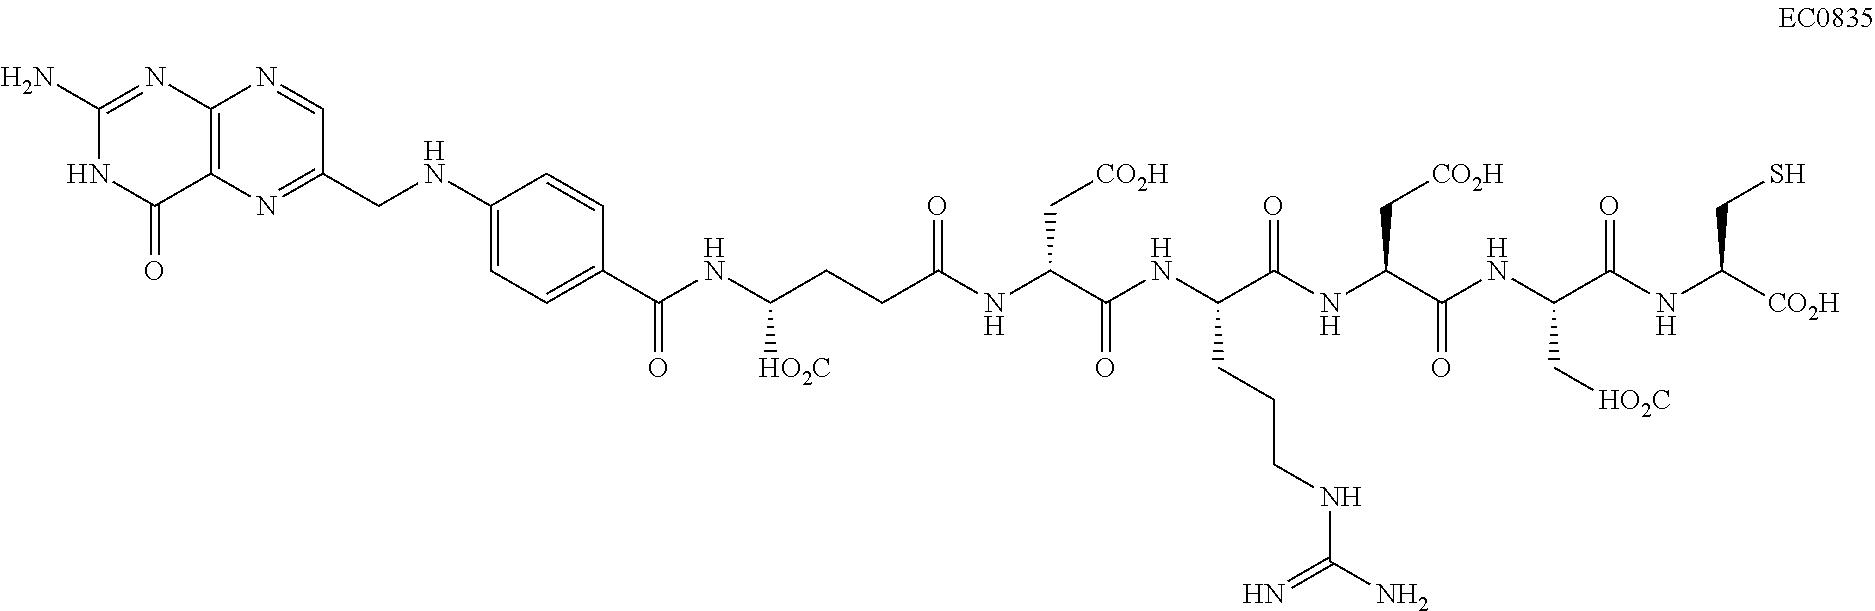 Figure US09662402-20170530-C00087